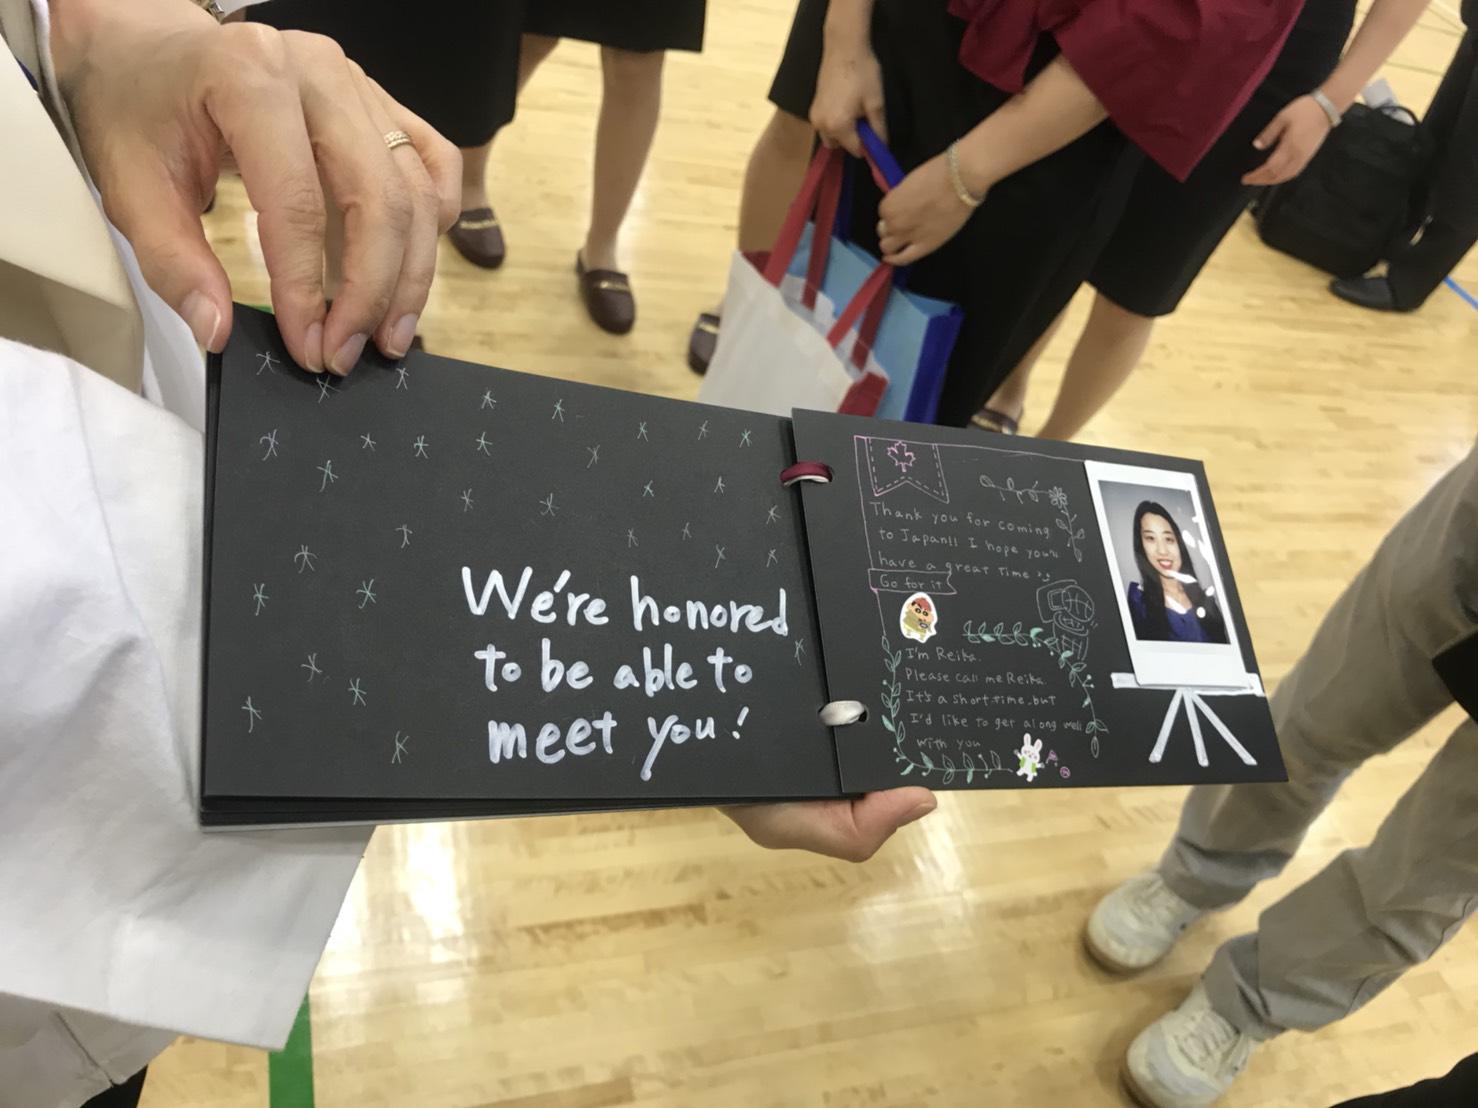 キャンパスコンシェルジュの学生が自己紹介のフォトアルバムを作成